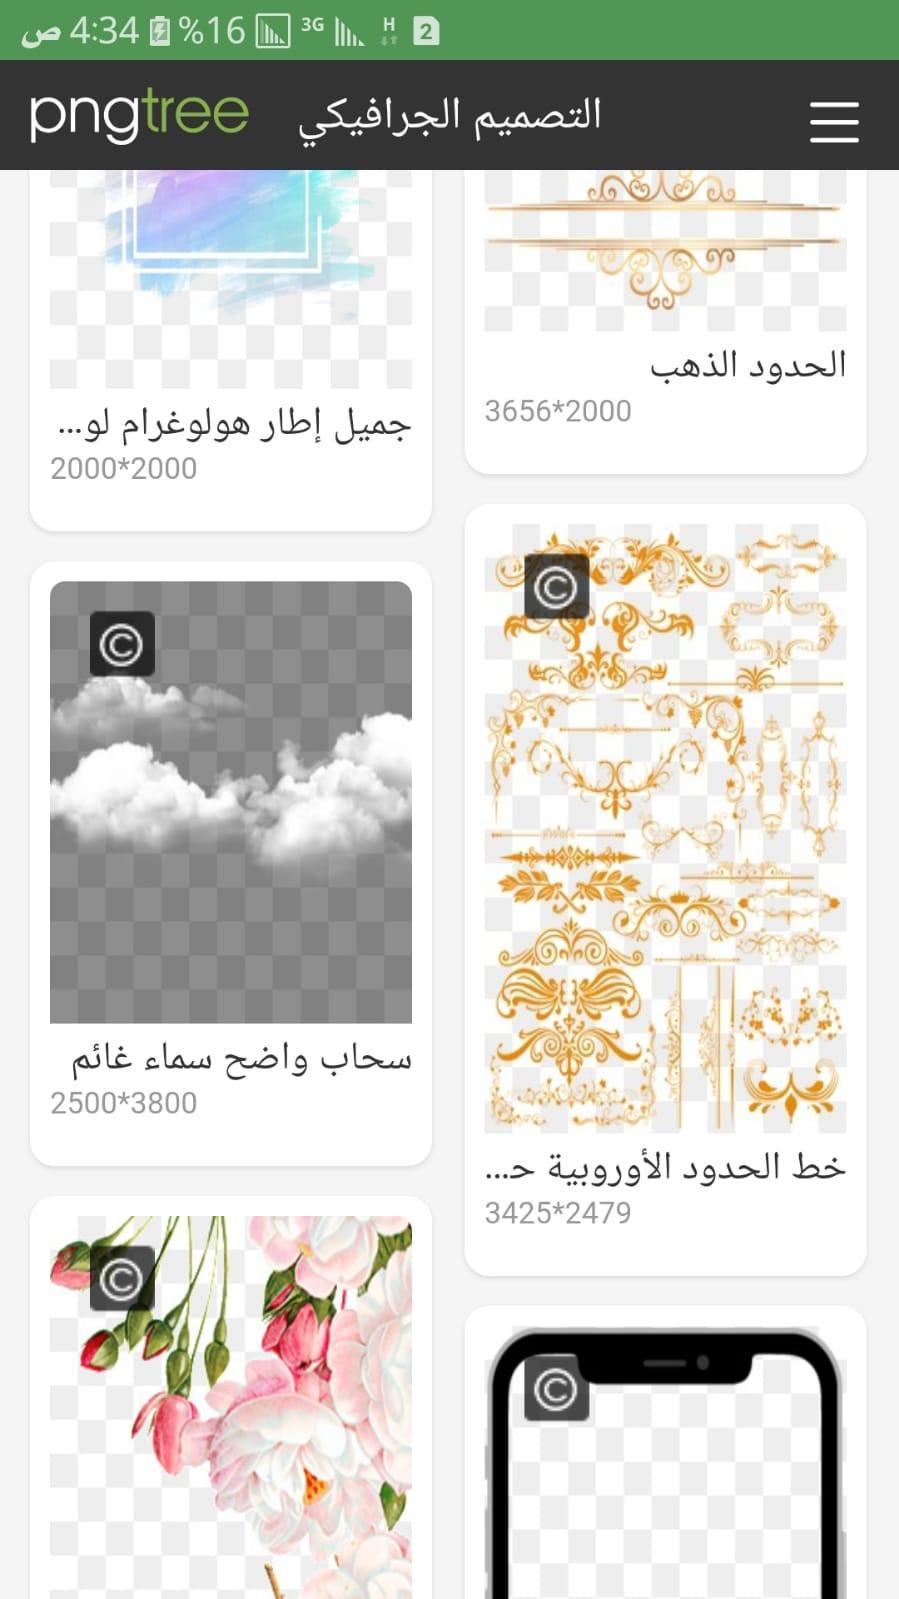 اكثر من 3 مليون صورة مفرغة للتصميم For Android Apk Download